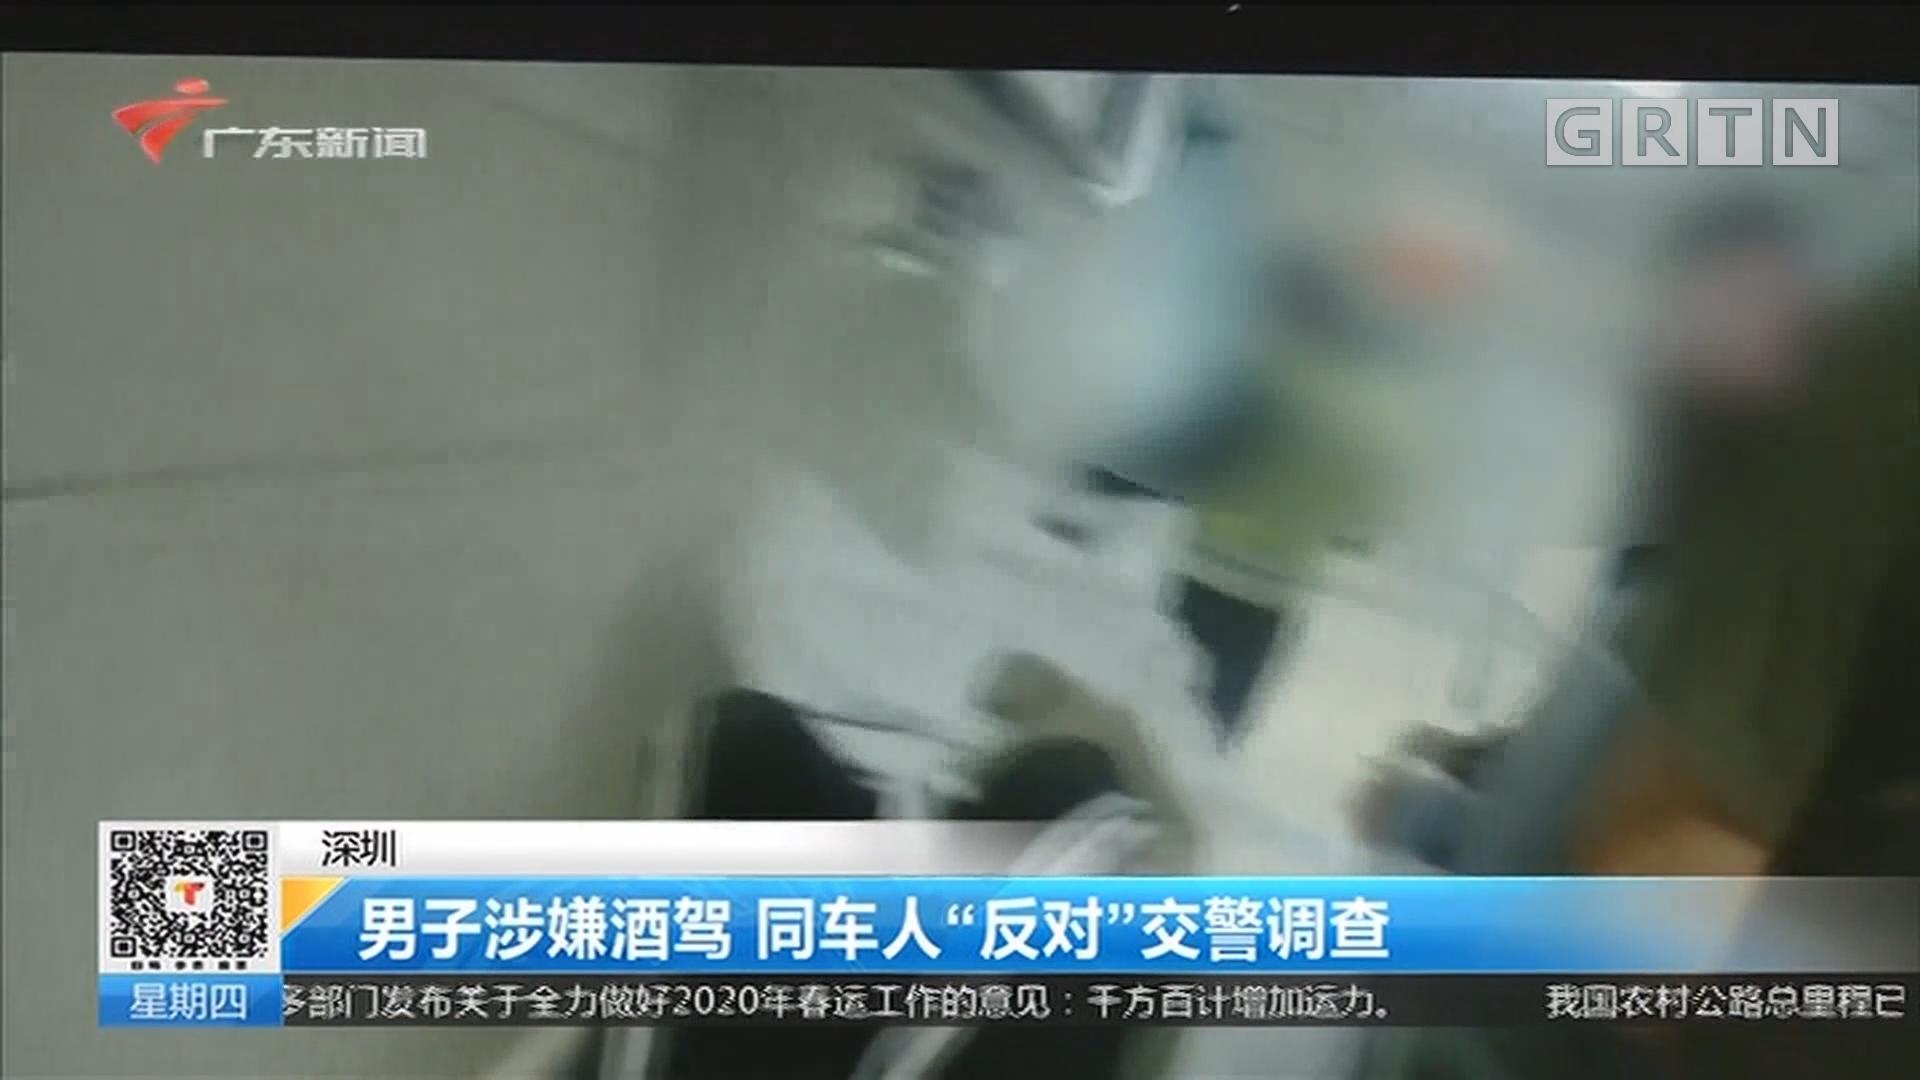 """深圳:男子涉嫌酒驾 同车人""""反对""""交警调查"""